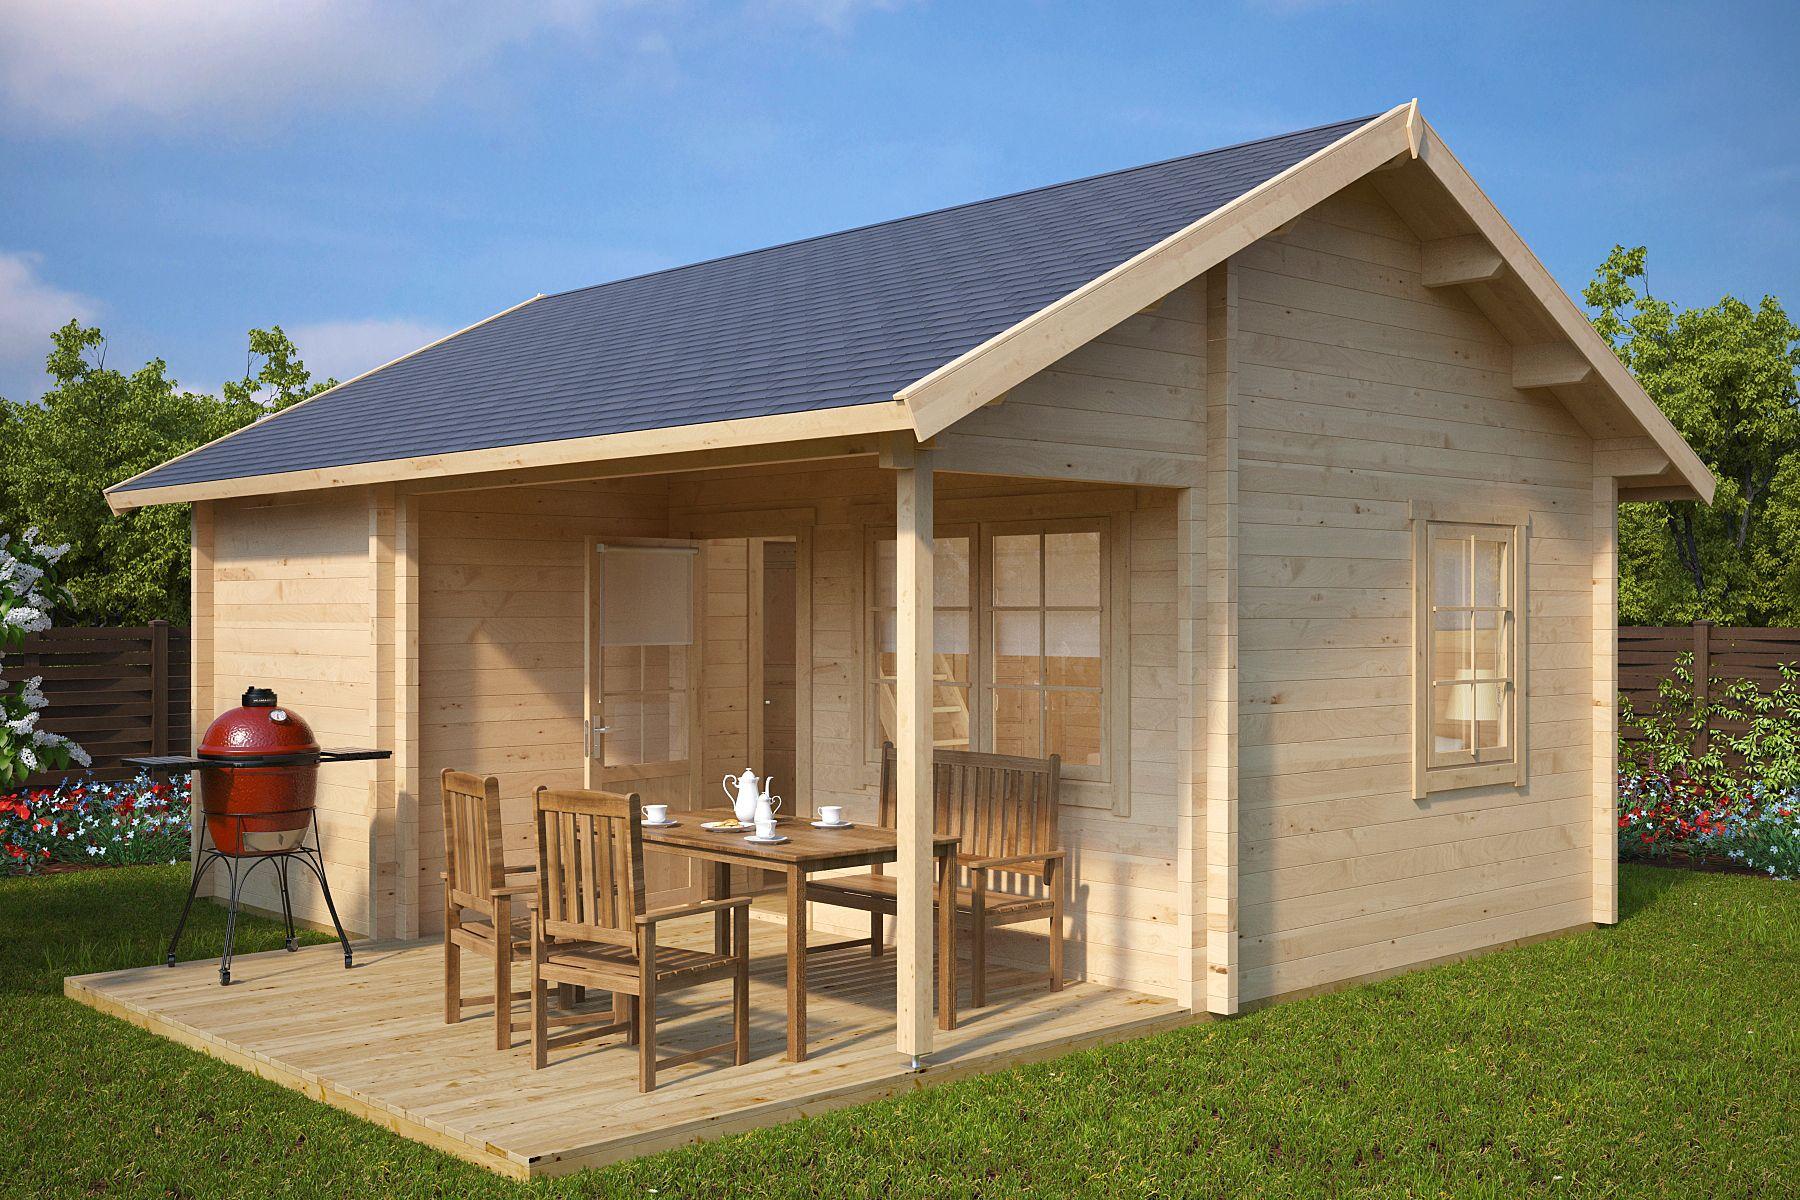 Großes Gartenhaus mit Terrasse Oklahoma 26,4m² / 70mm / 5x6 | Cabin